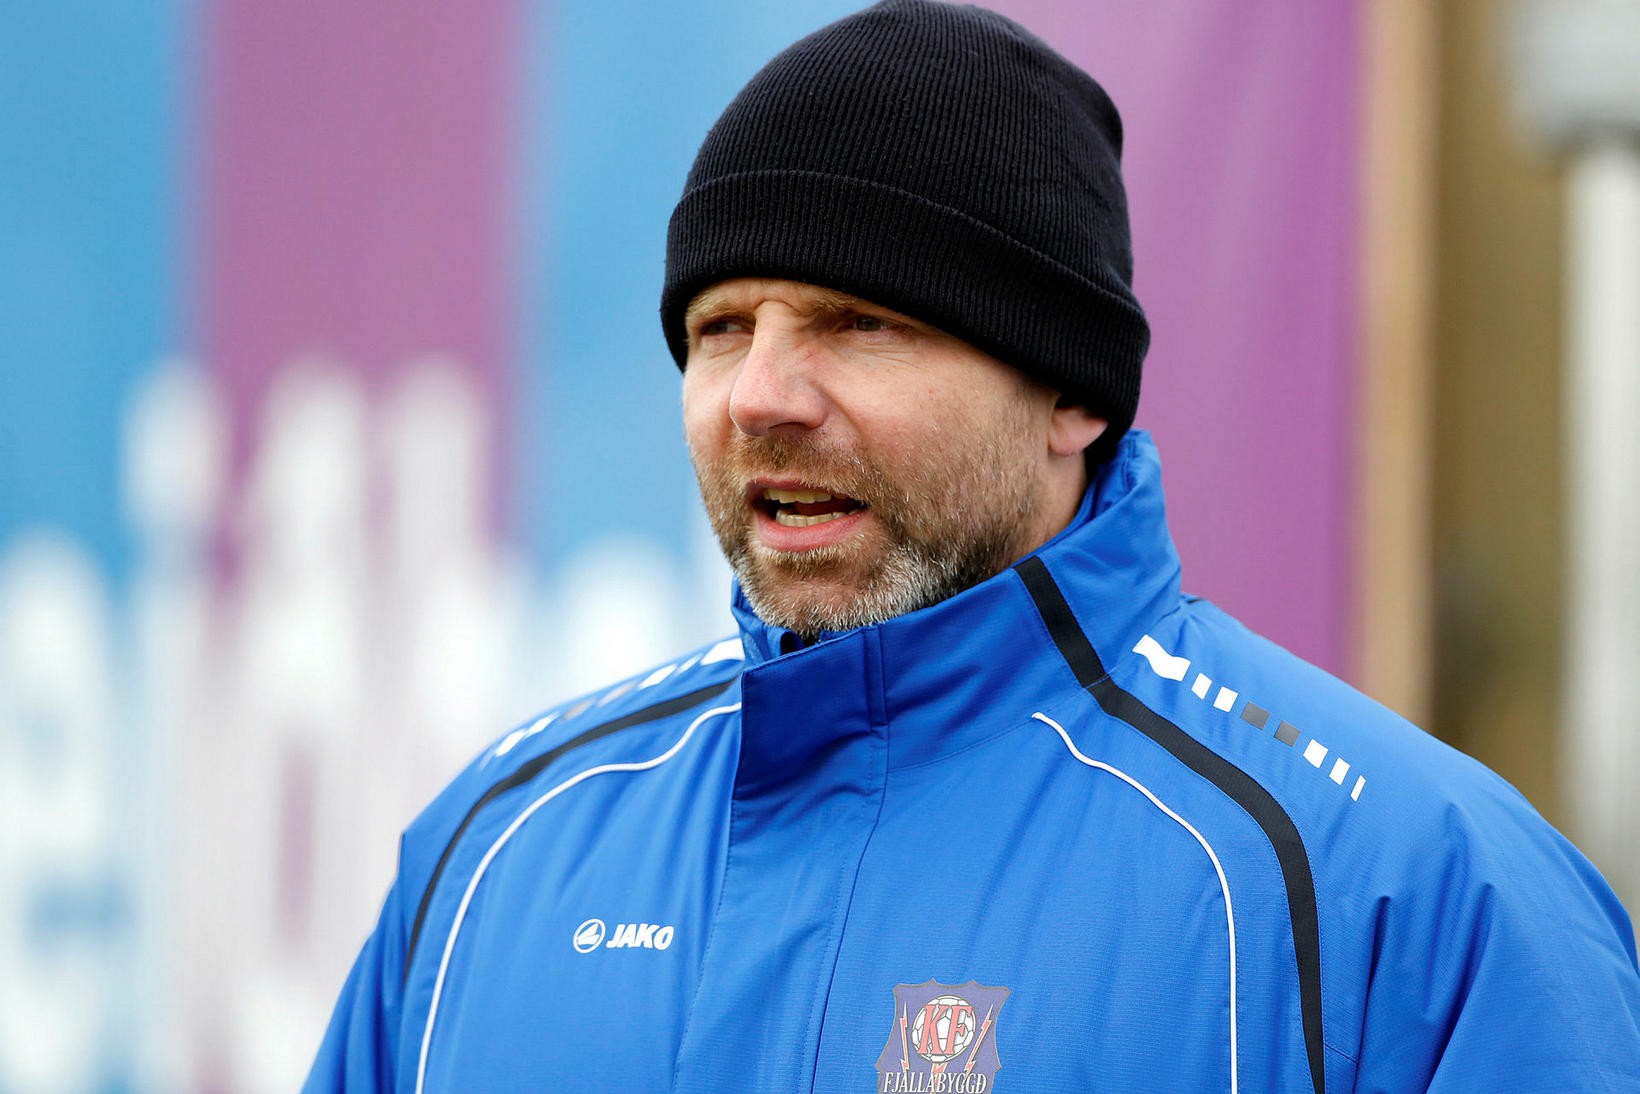 Lárus Orri Sigurðsson lék 42 A-landsleiki fyrir Ísland.